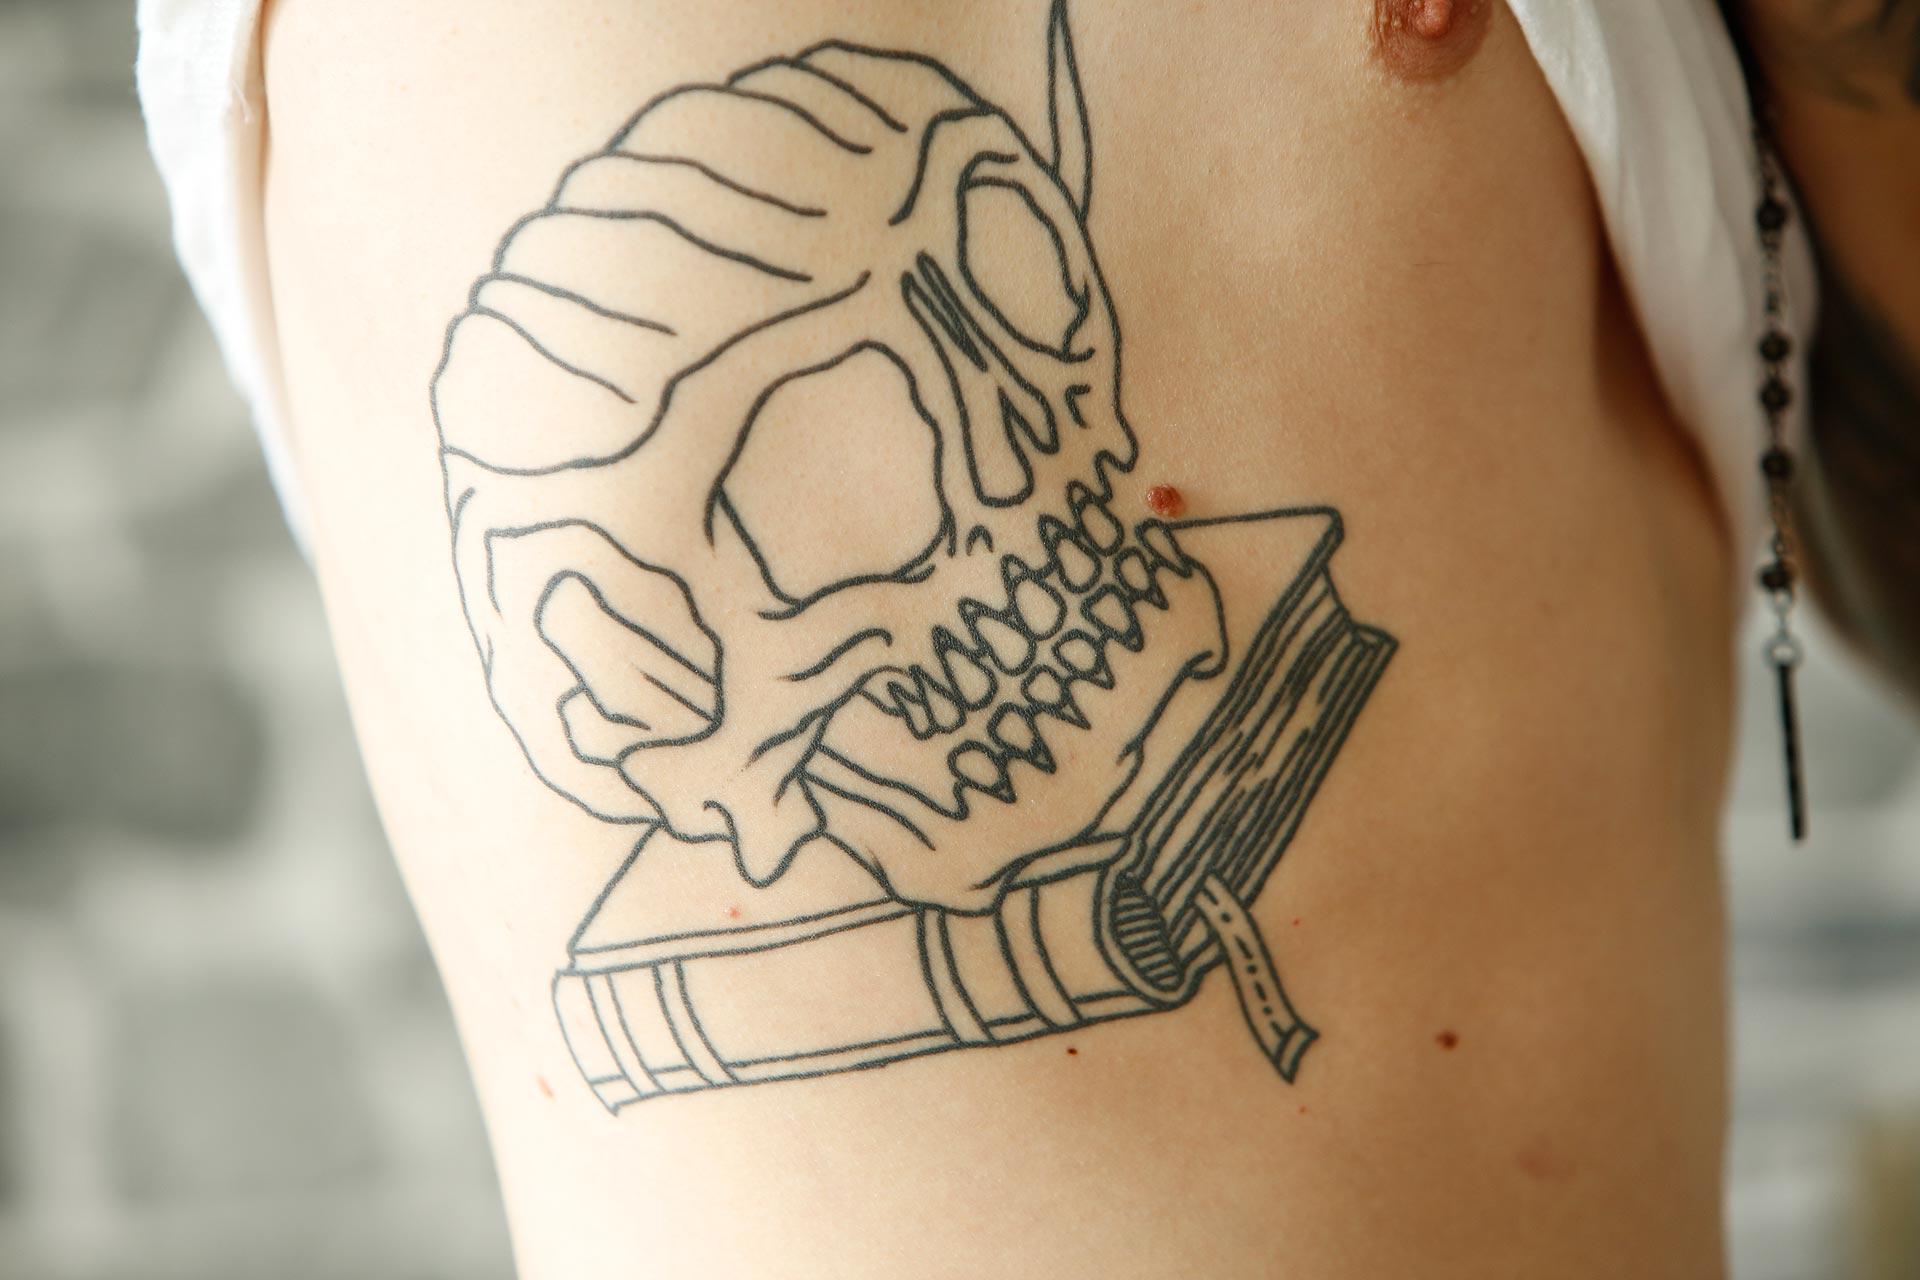 Der Totenkopf über dem Bücherstapel soll Mertens Lebensweg darstellen - das Motiv wächst mit der Zeit.